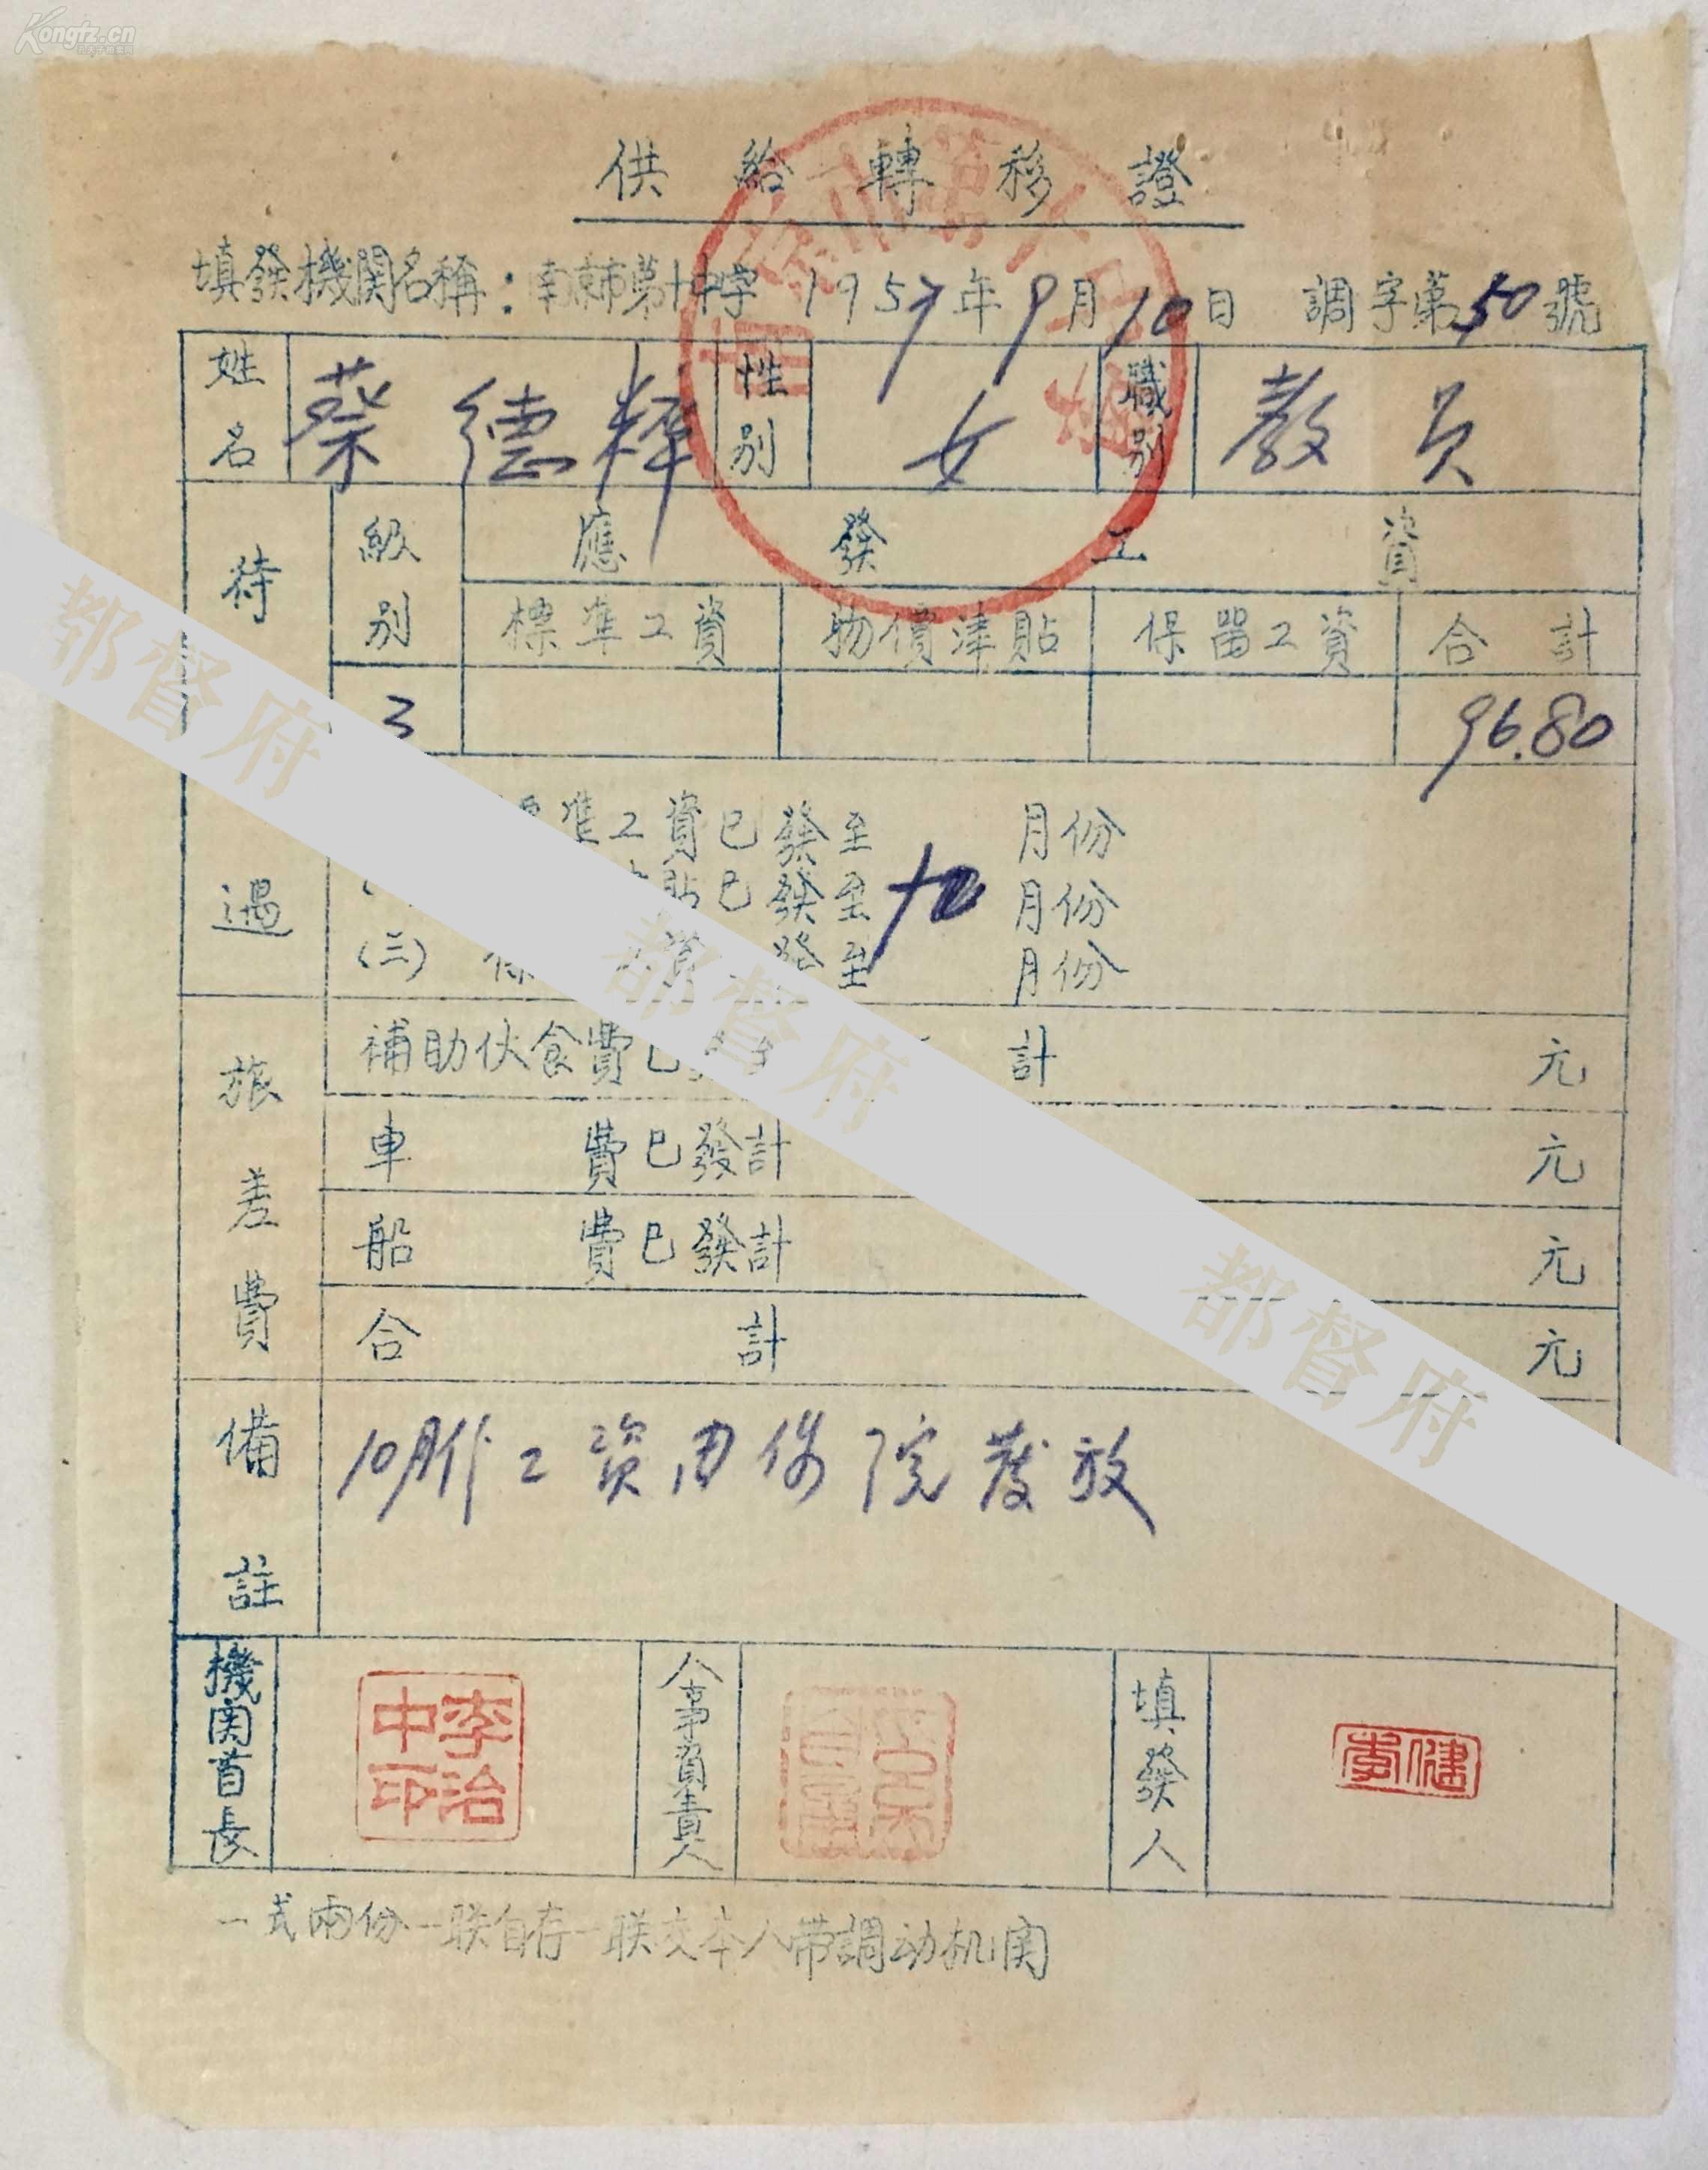 :解放初上海第十高中+南京格致中学+江苏省盐世纪星贴吧中学图片